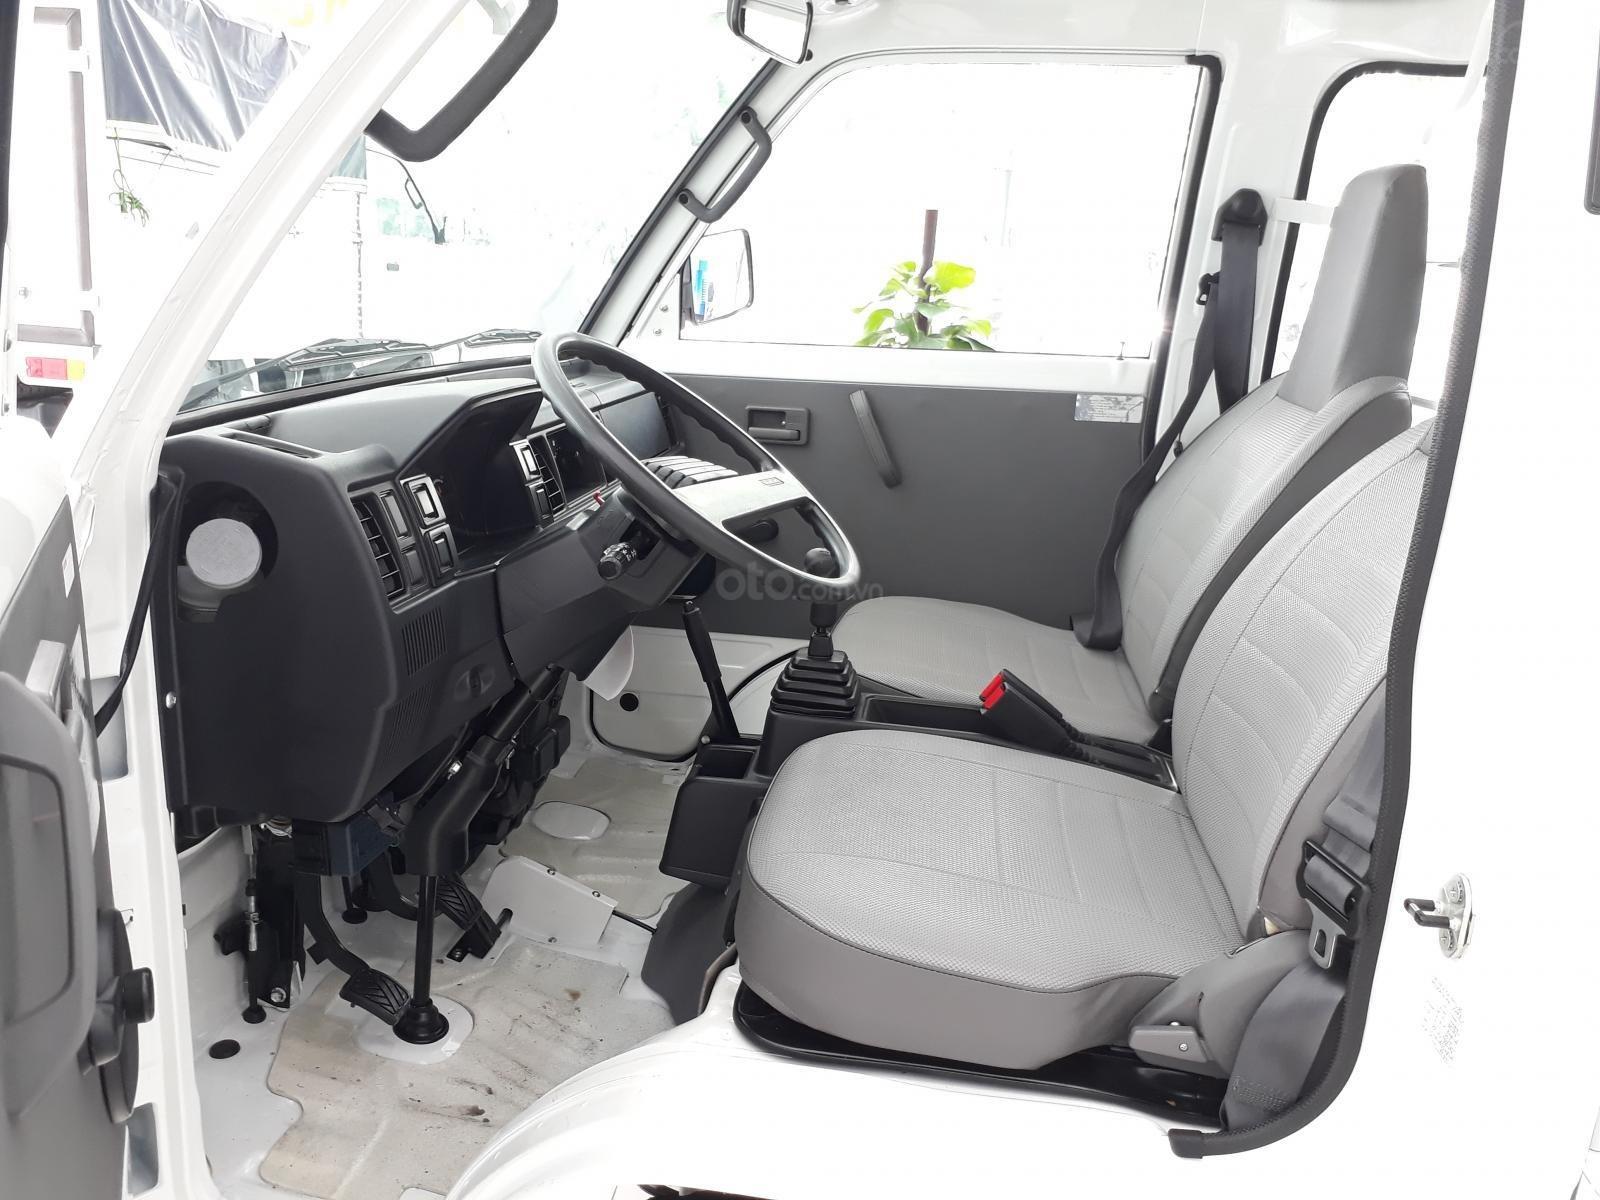 Xe tải Suzuki Van chạy giờ cấm, ưu đãi 10 triệu tháng 10 (7)